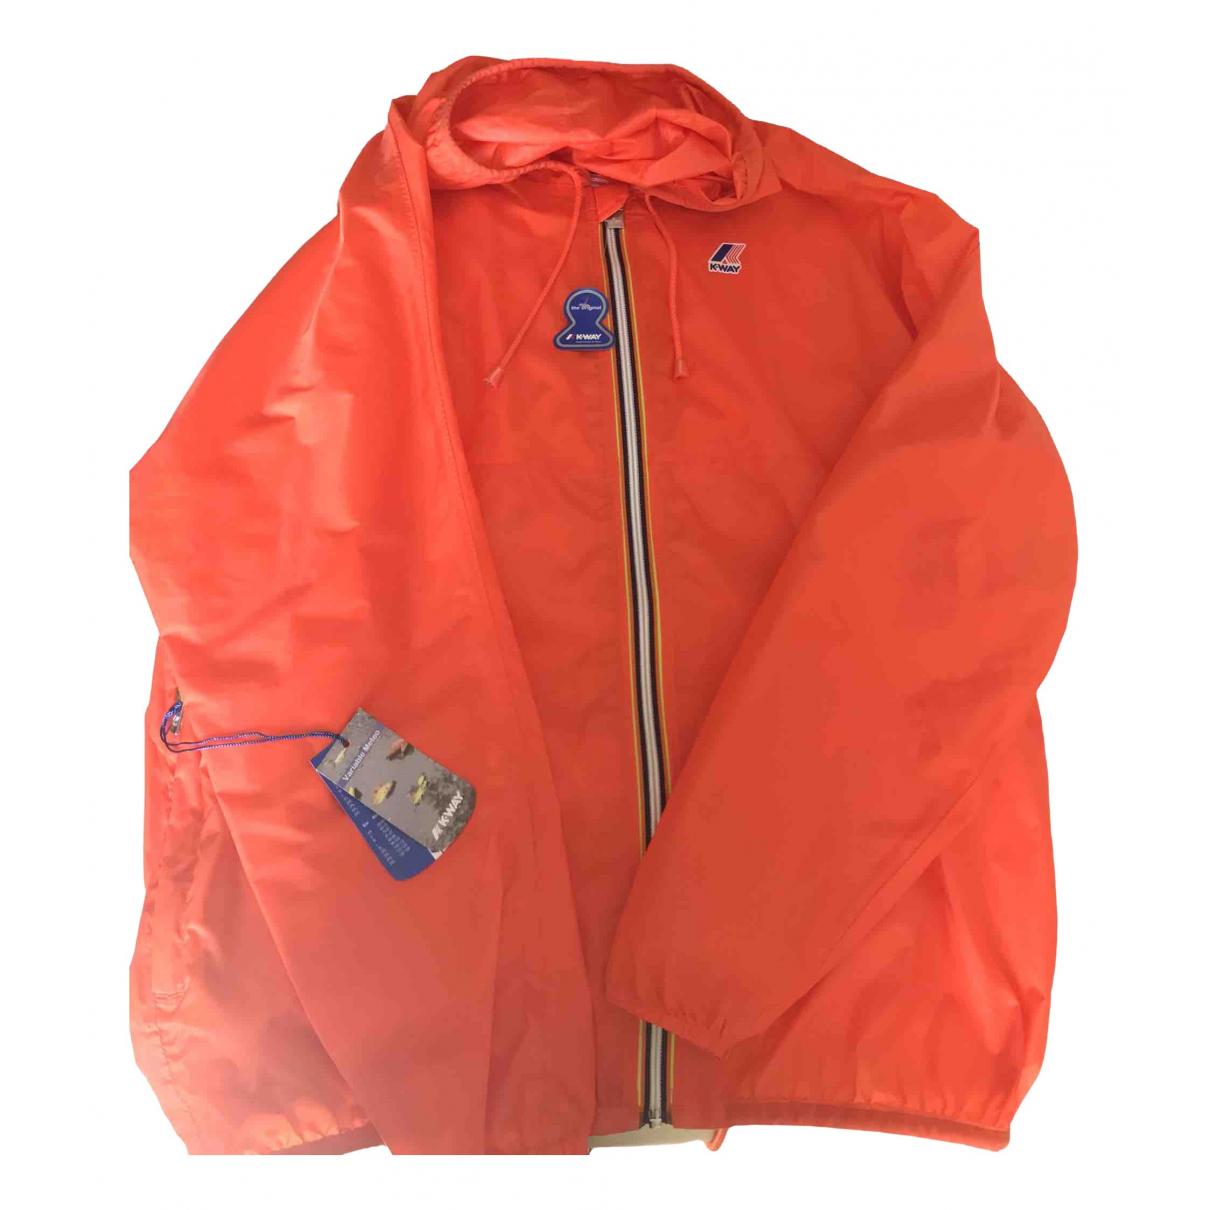 K-way - Vestes.Blousons   pour homme - orange